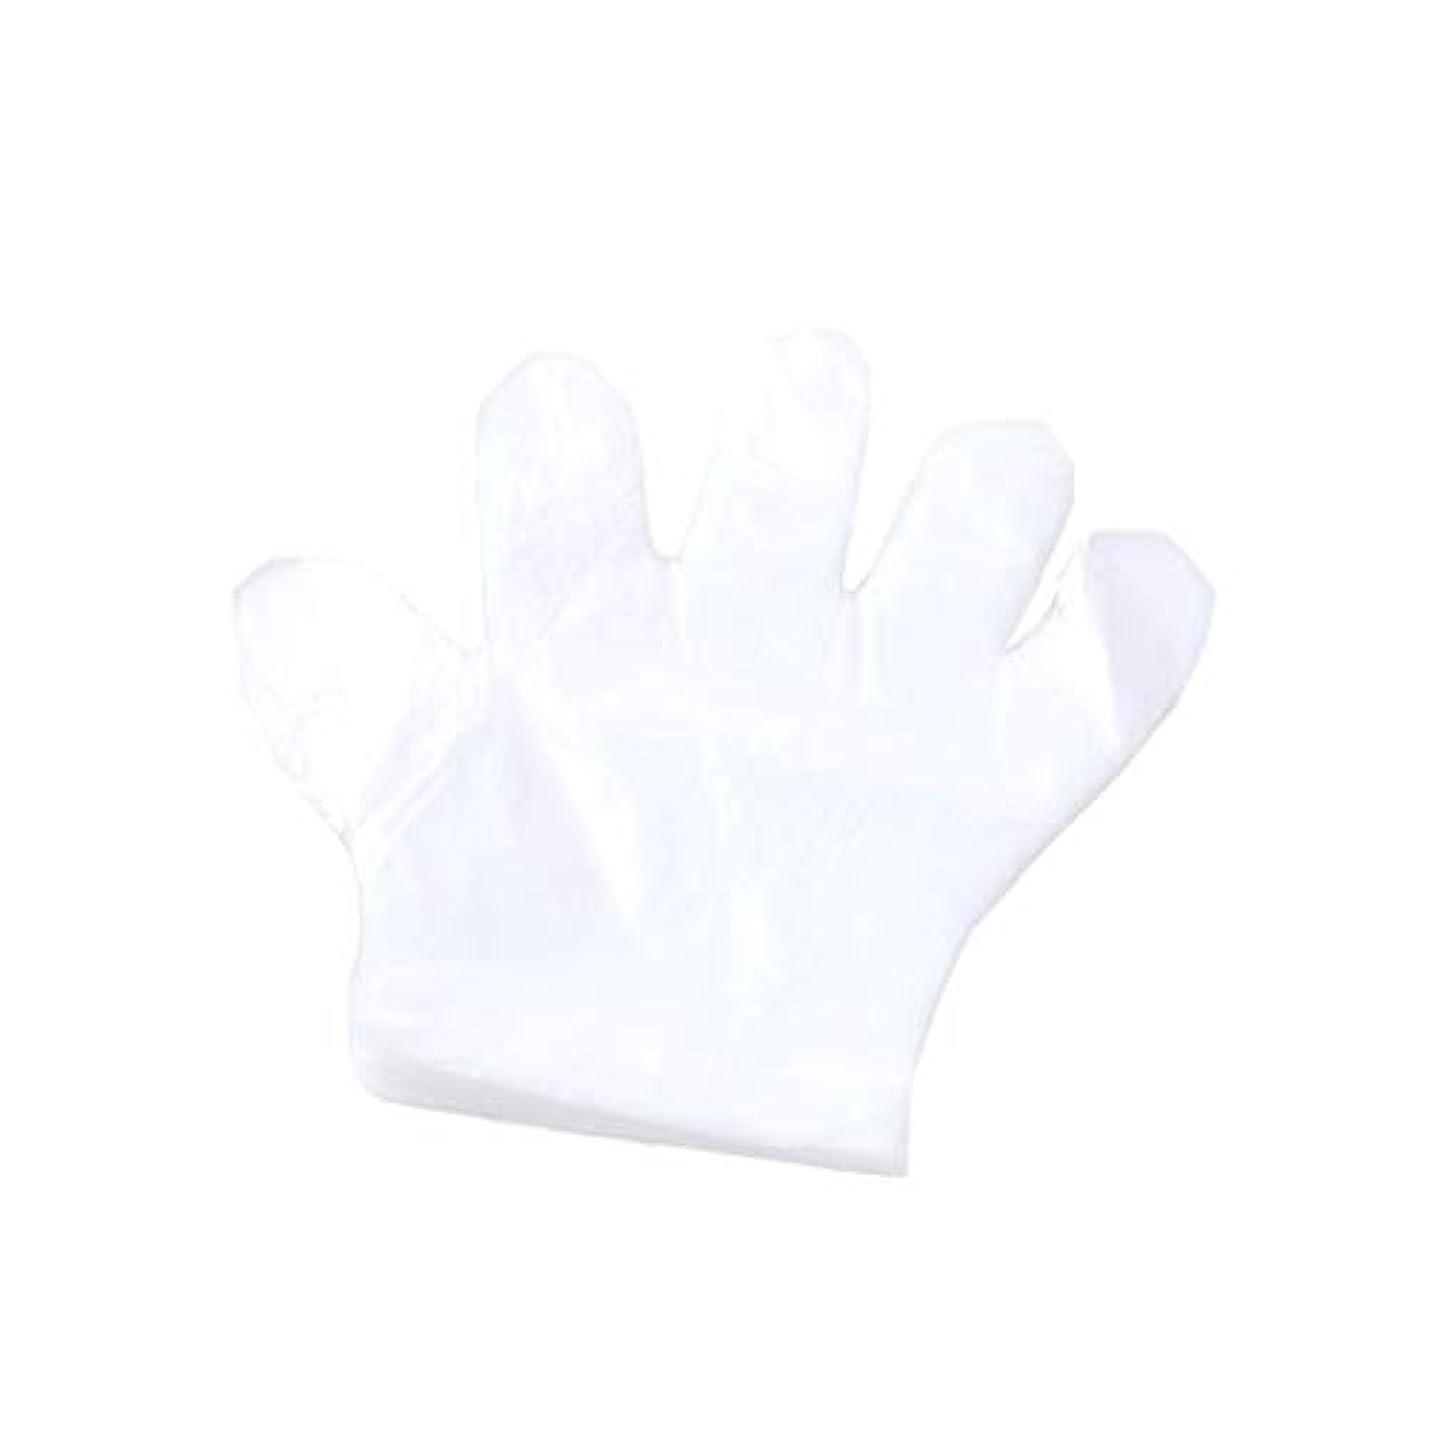 セッティング消すさらに手袋、使い捨て手袋、プラスチック透明な使い捨て手袋、衛生的な食品、100スーツ。 (UnitCount : 2000only)